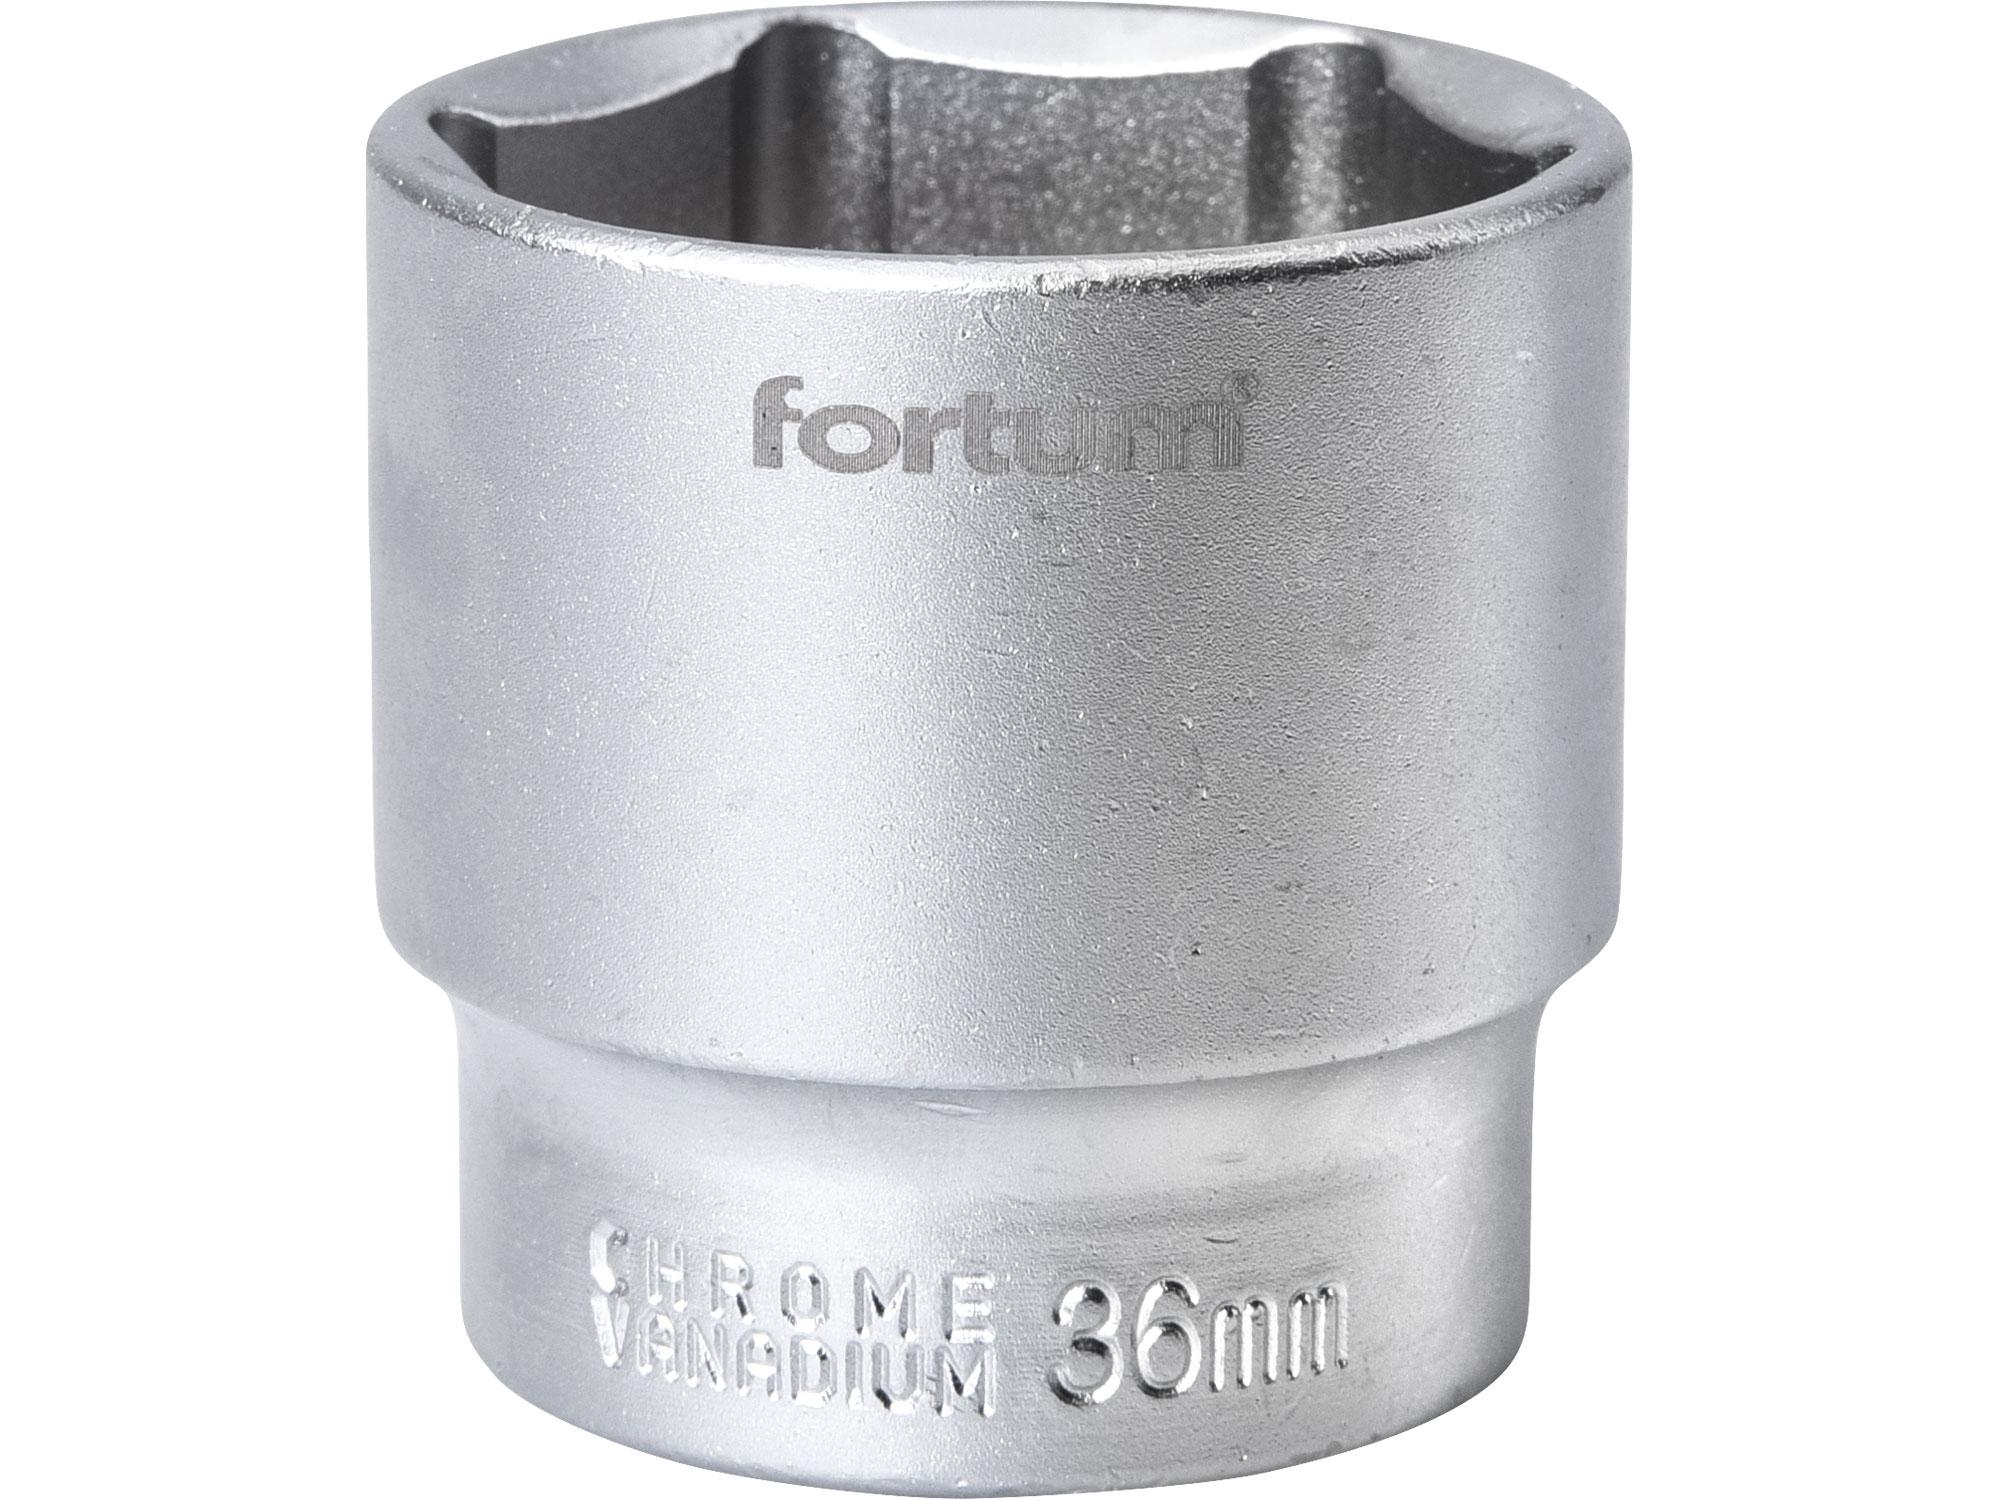 """hlavice nástrčná, 1/2"""", 36mm, L 45mm, FORTUM 4700436"""